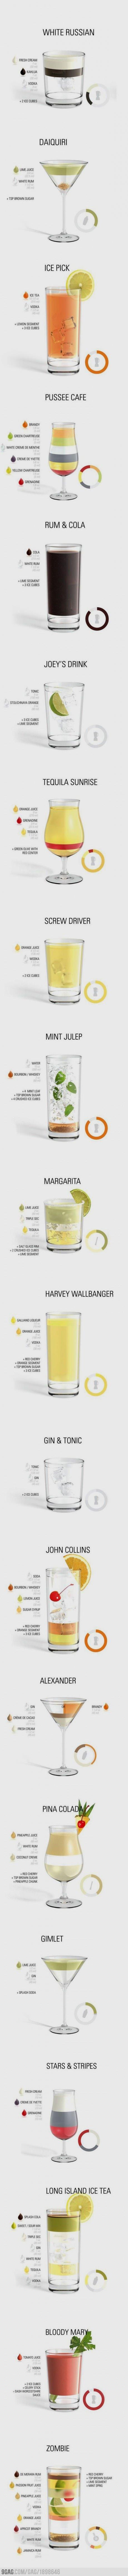 Mixed Drinks many